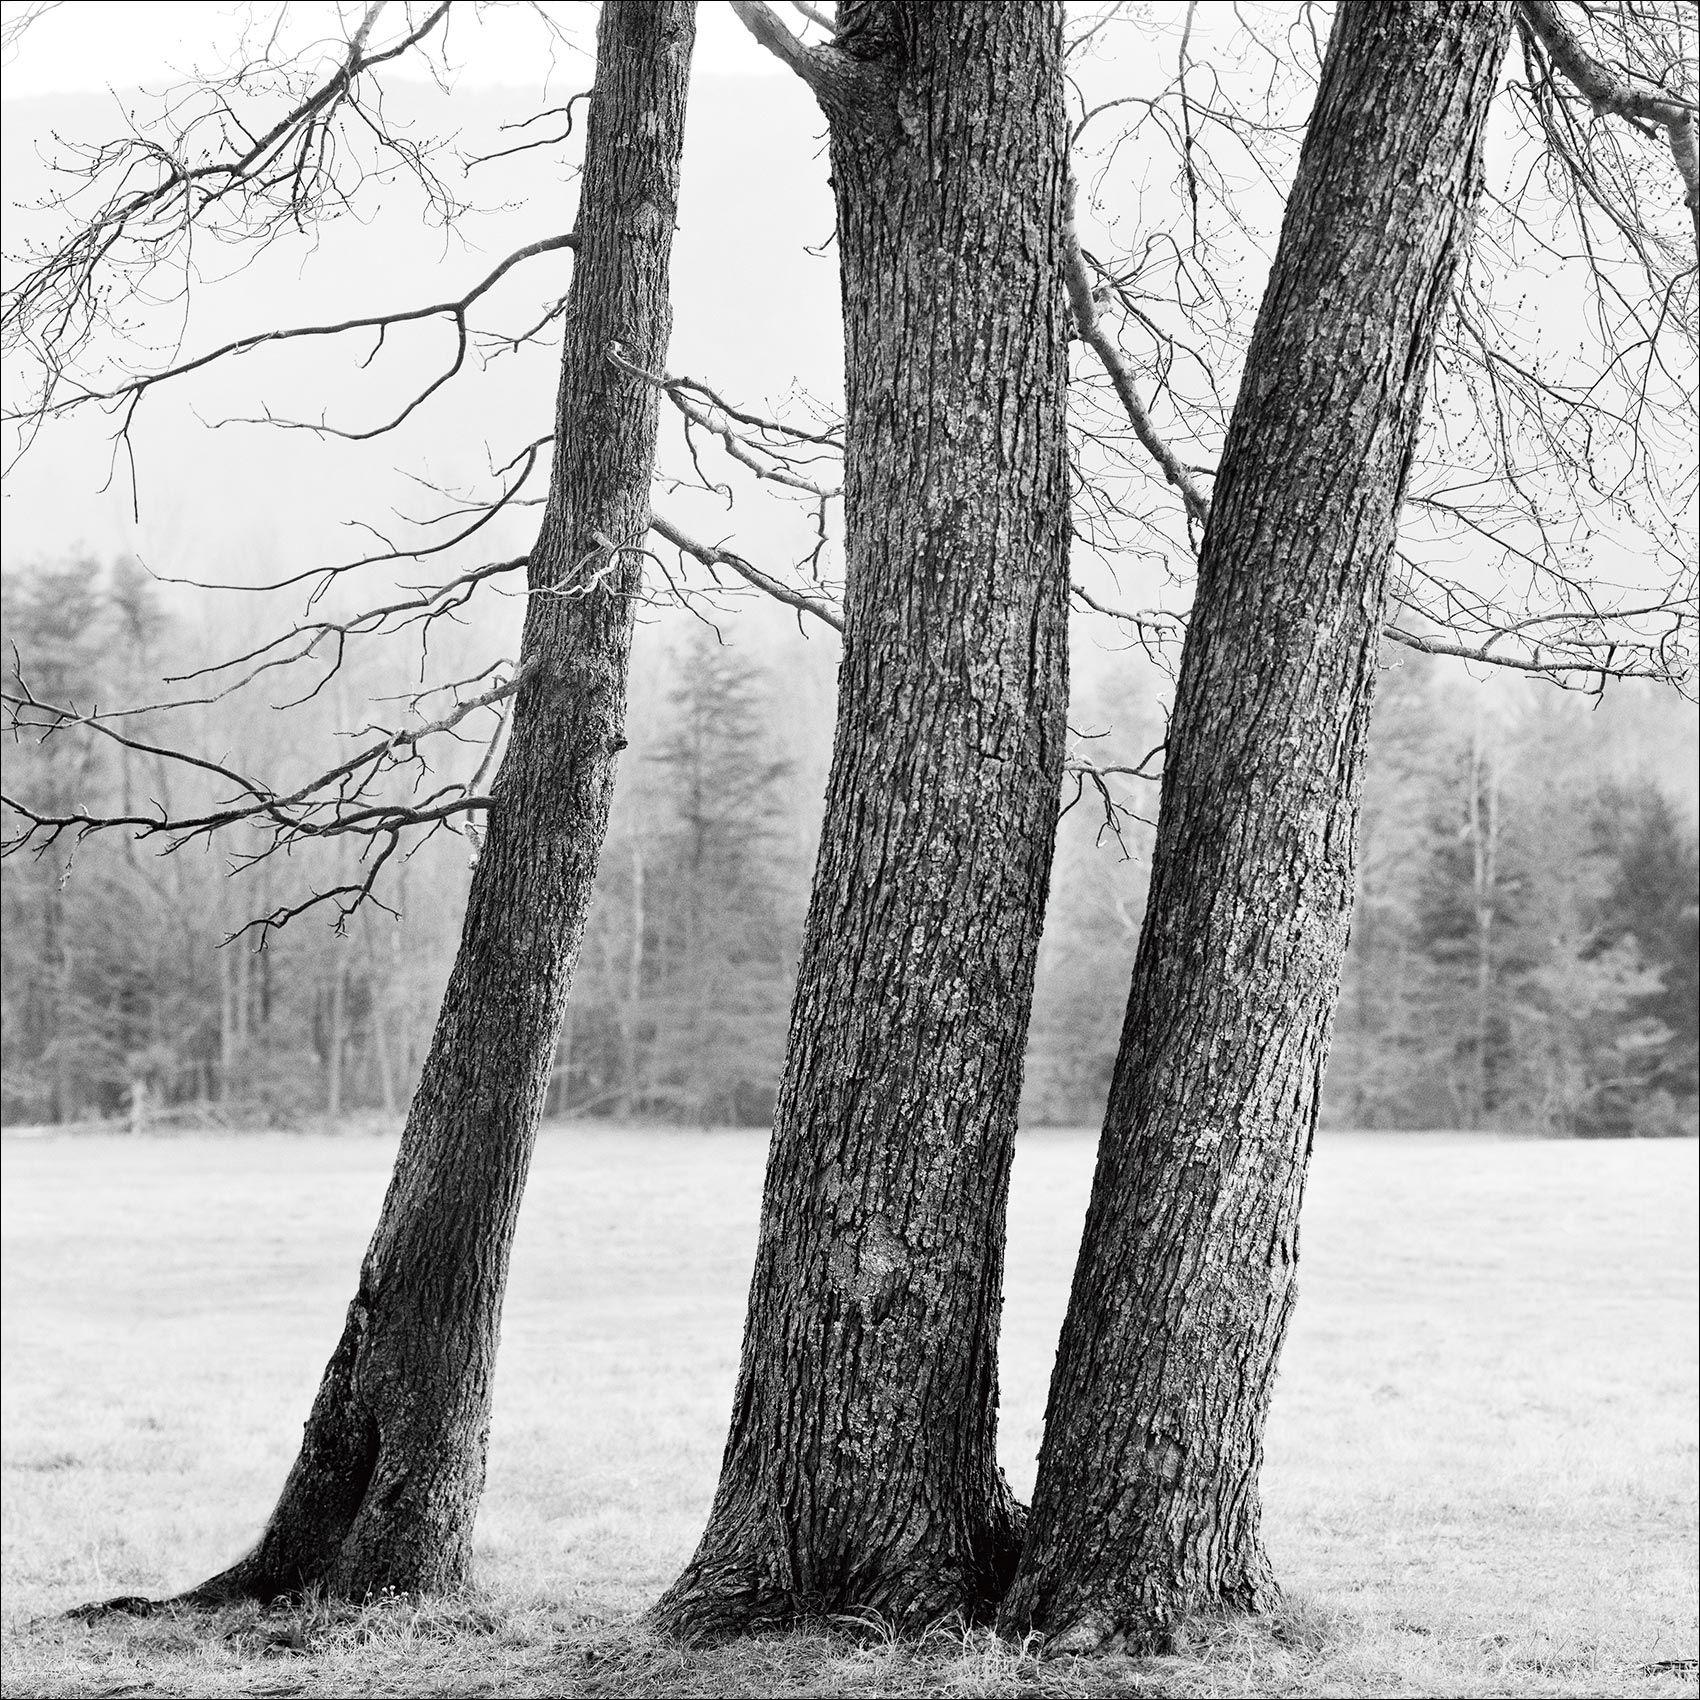 TrioofTrees_SmokyMountains_NationalPark_BlackandWhite_Photography.jpg